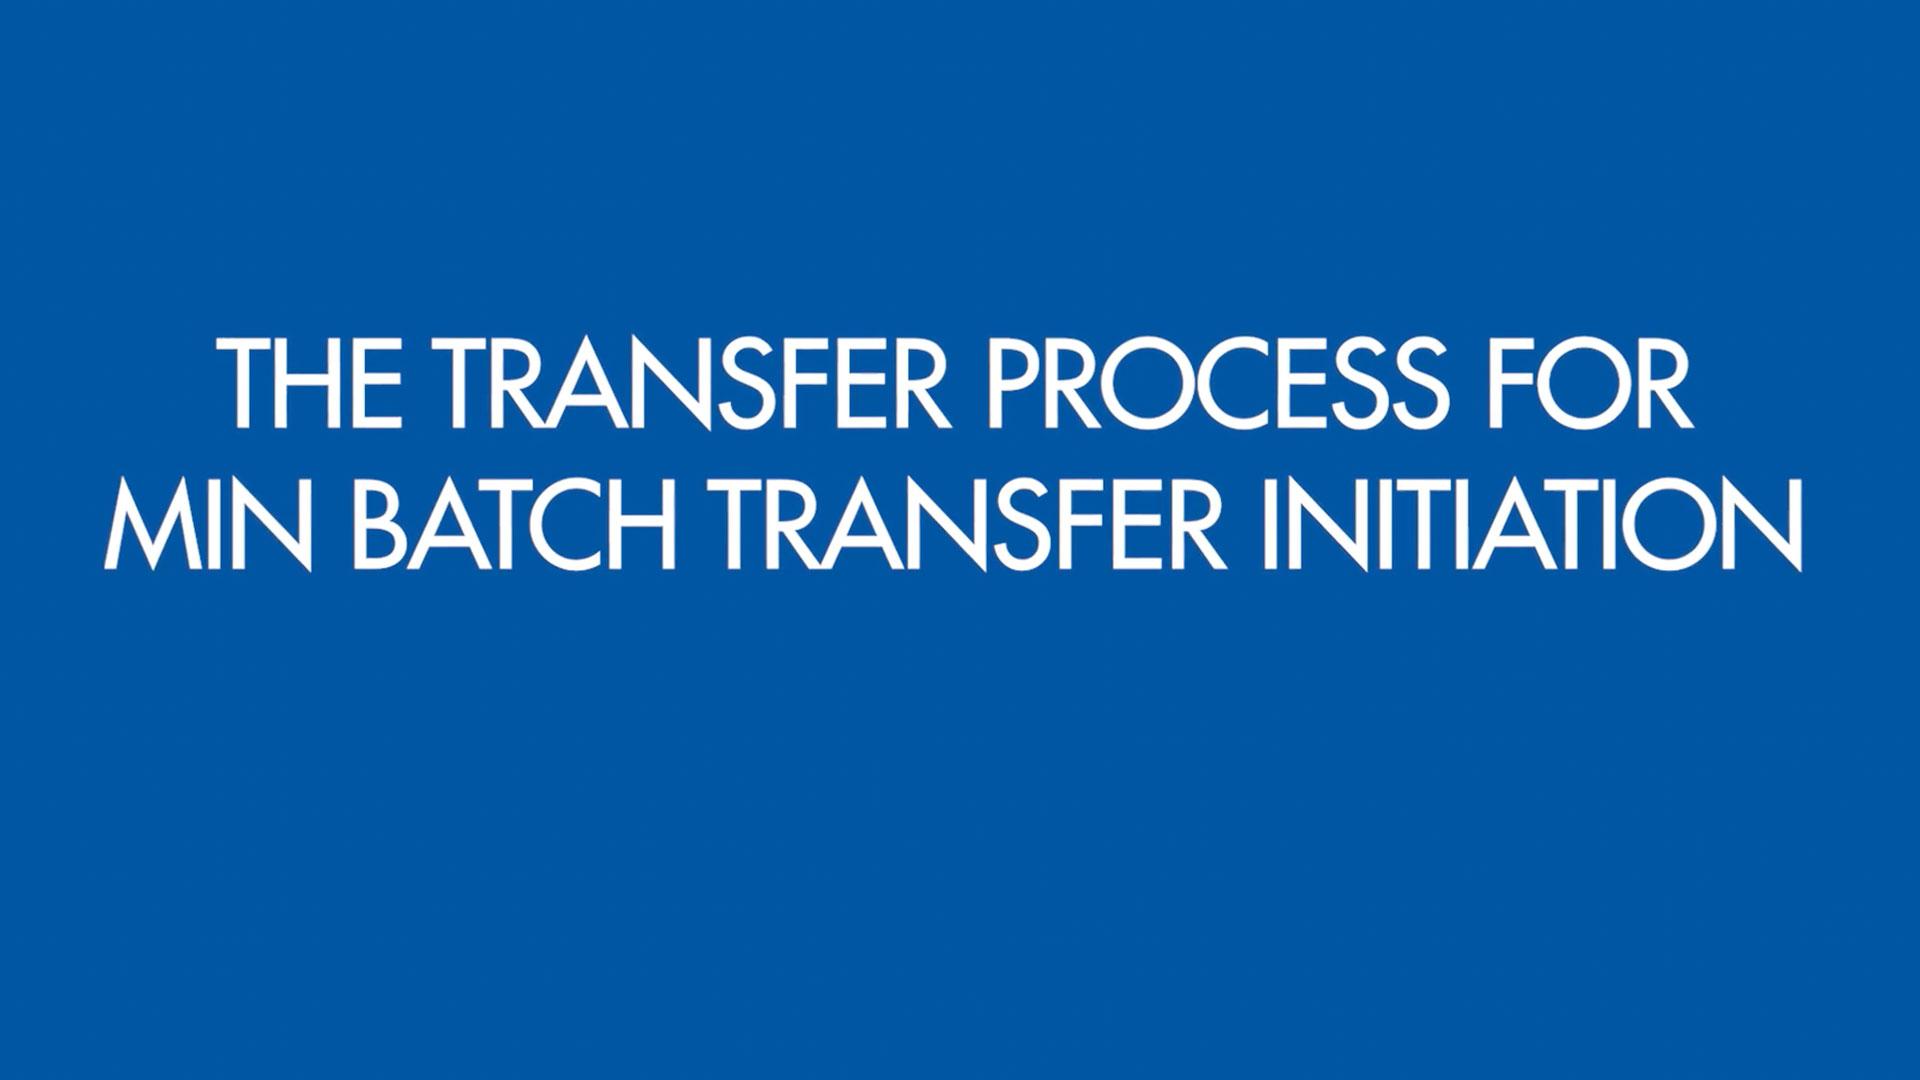 MinBatchTransferProcess